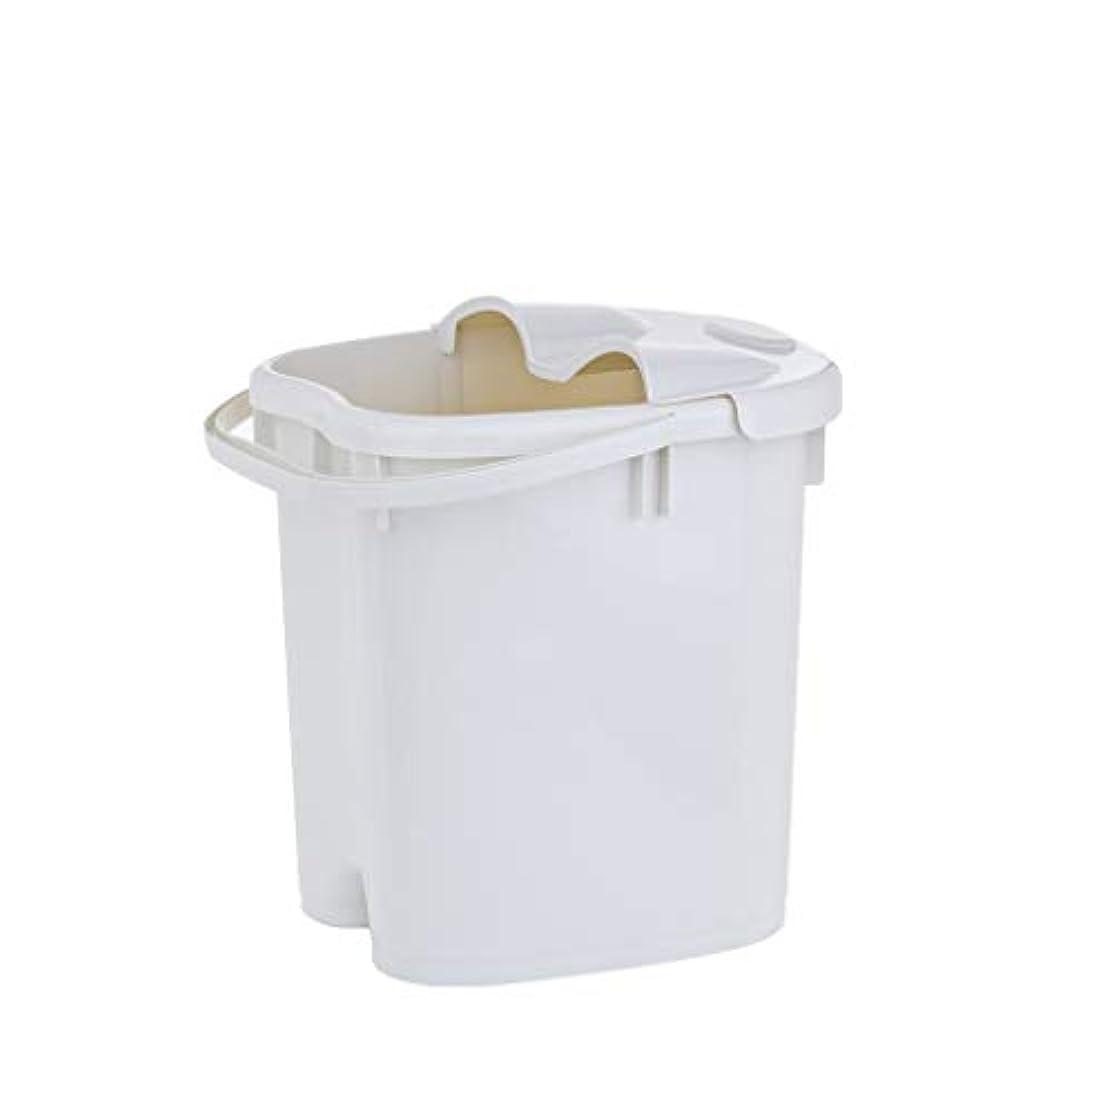 特別なフライトバンガローフットバスバレル- ?AMT携帯用高まりのマッサージの浴槽のふたの熱保存のフィートの洗面器の世帯が付いている大人のフットバスのバケツ Relax foot (色 : 白, サイズ さいず : 39cm high)